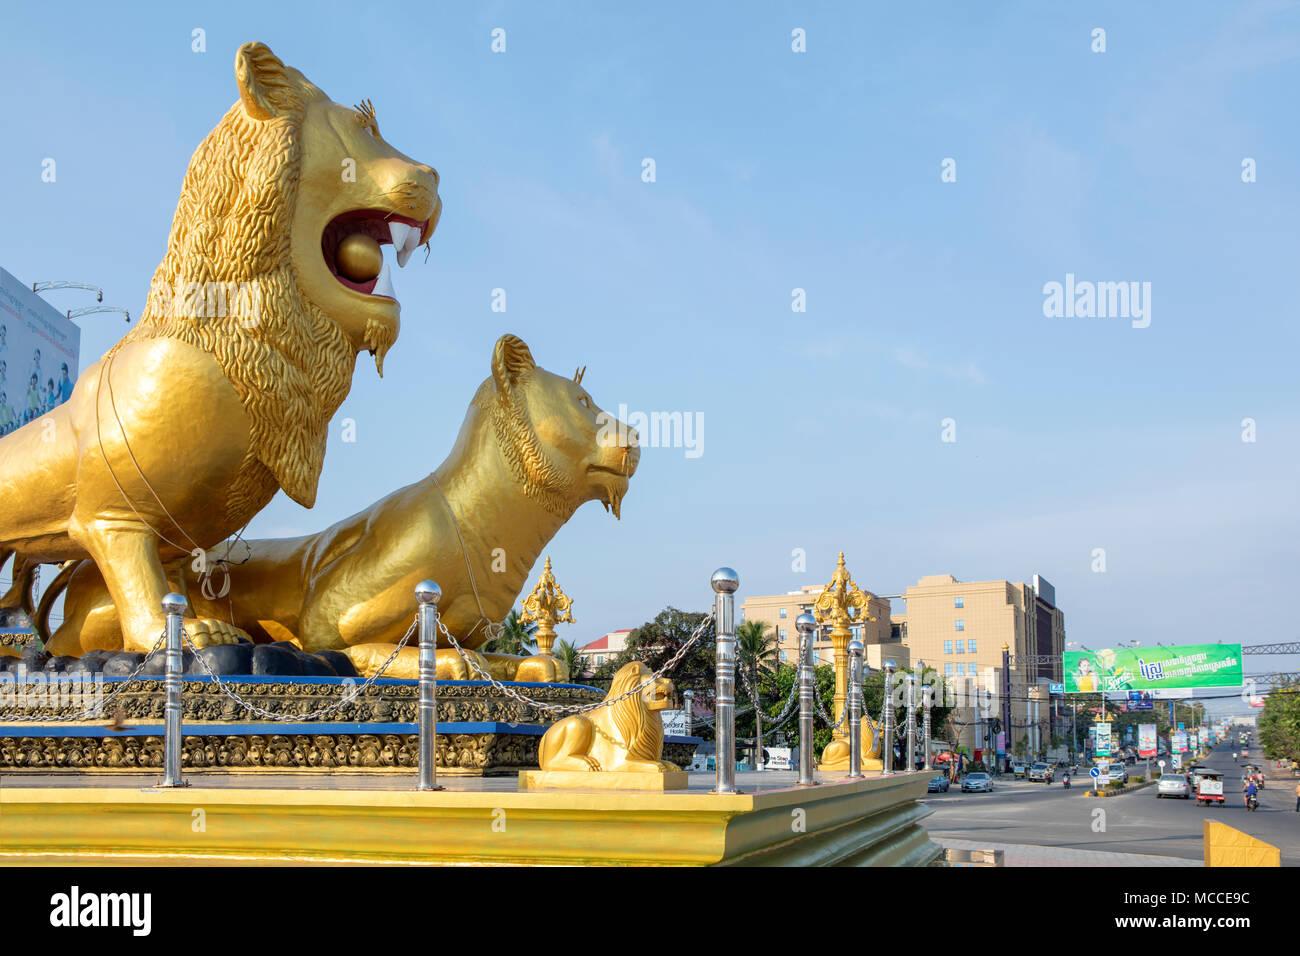 Golden Lion Monument au centre de la ville de Sihanoukville, Cambodge Photo Stock